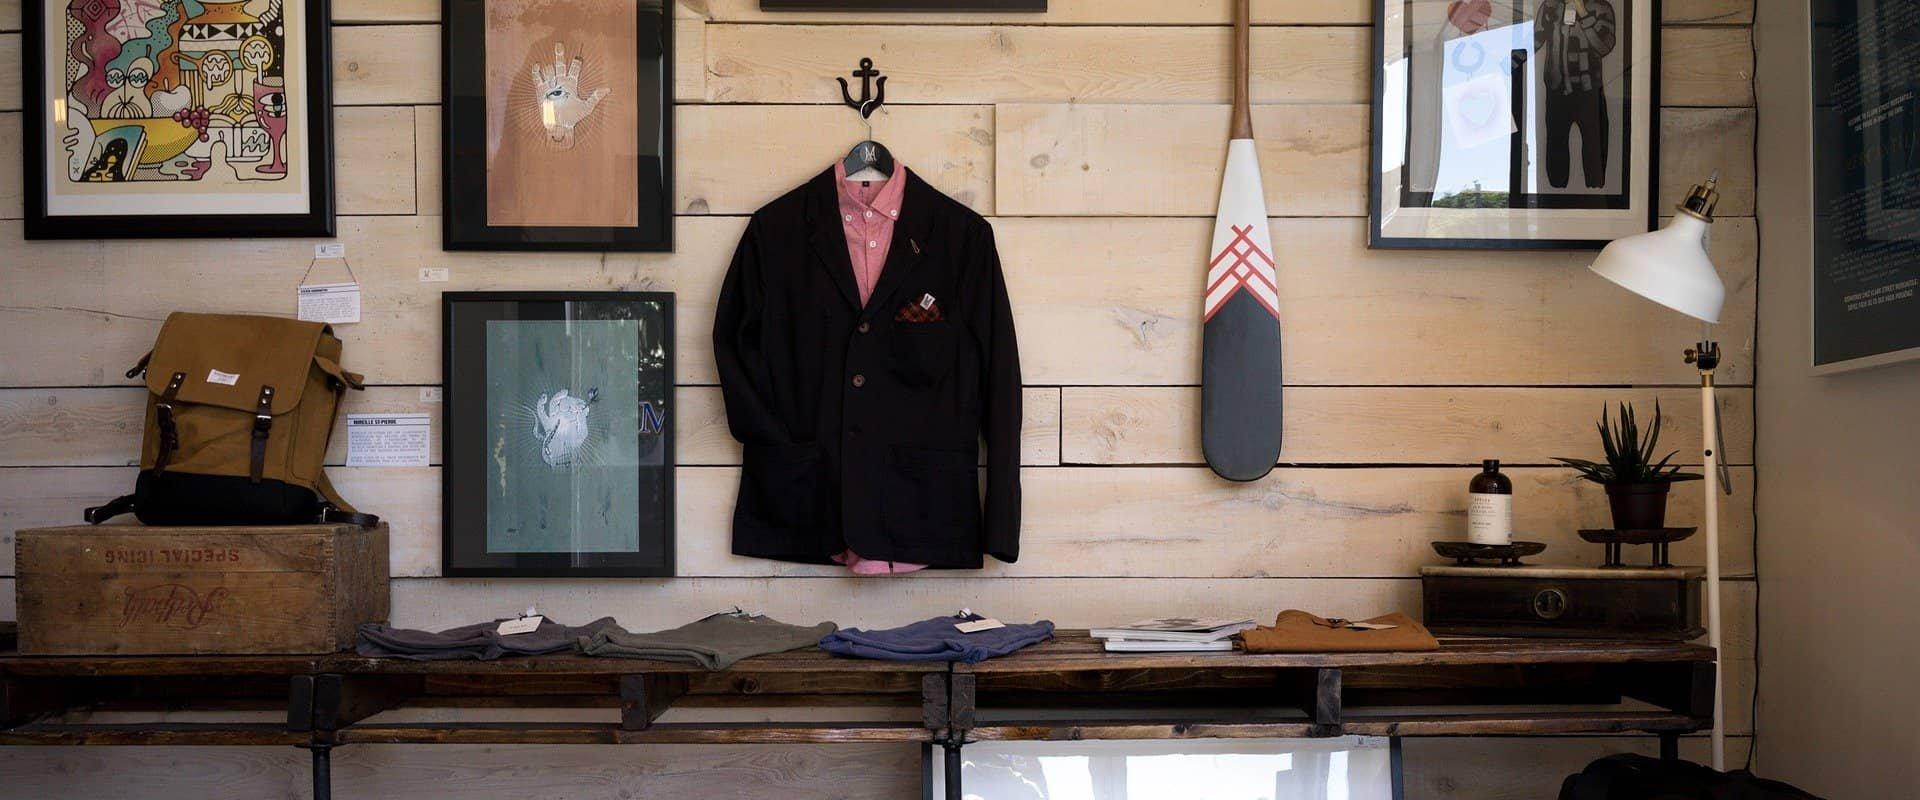 Wie Ihr Mode Einzelhandel von COSYS POS App profitiert